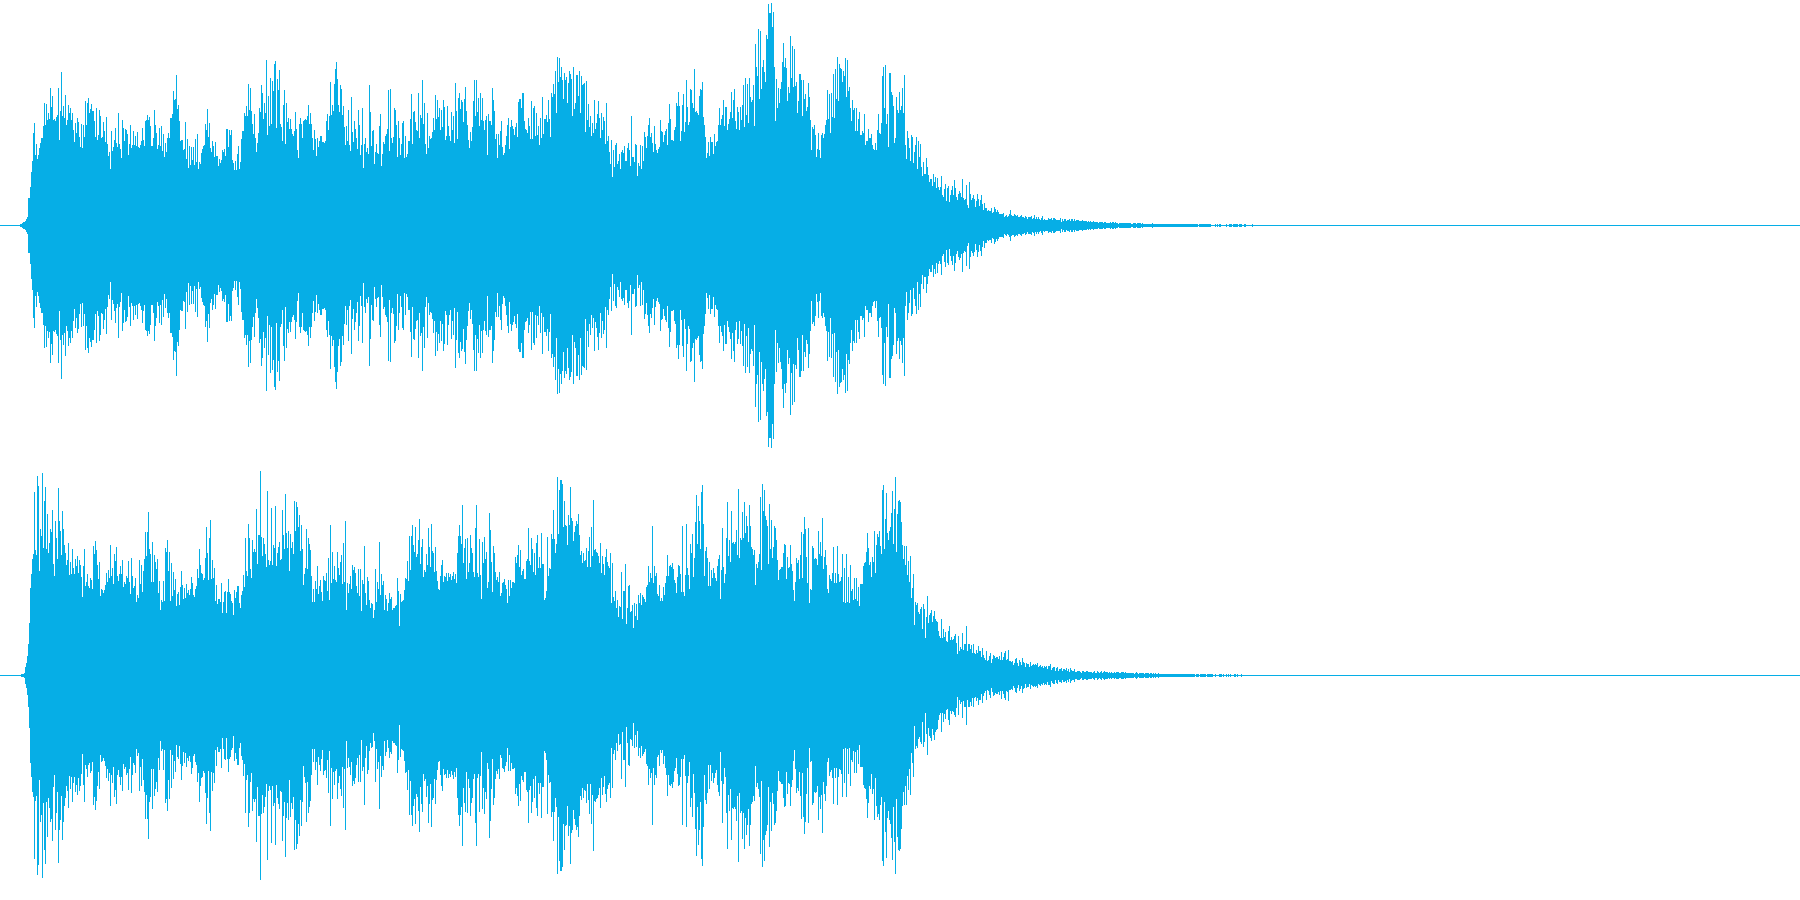 壮大で勝利感 オケのファンファーレ2の再生済みの波形